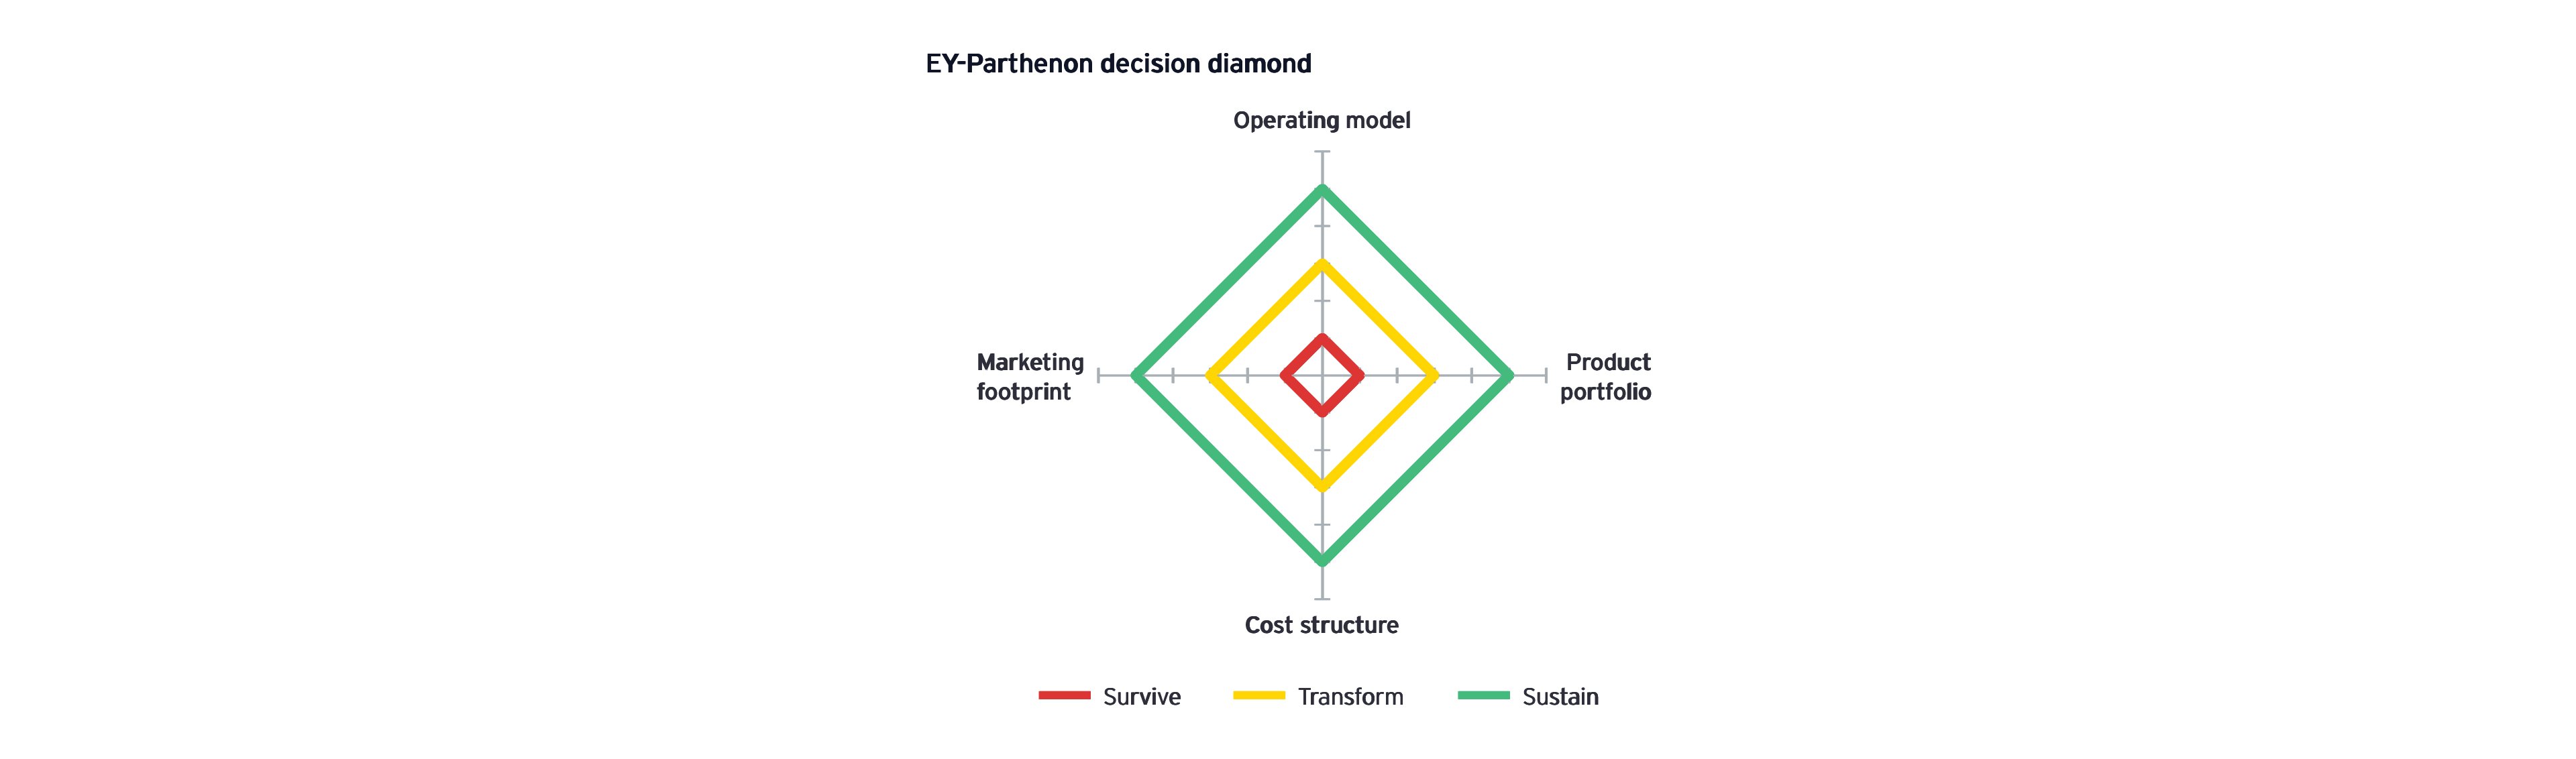 EY-Parthenon decision diamond